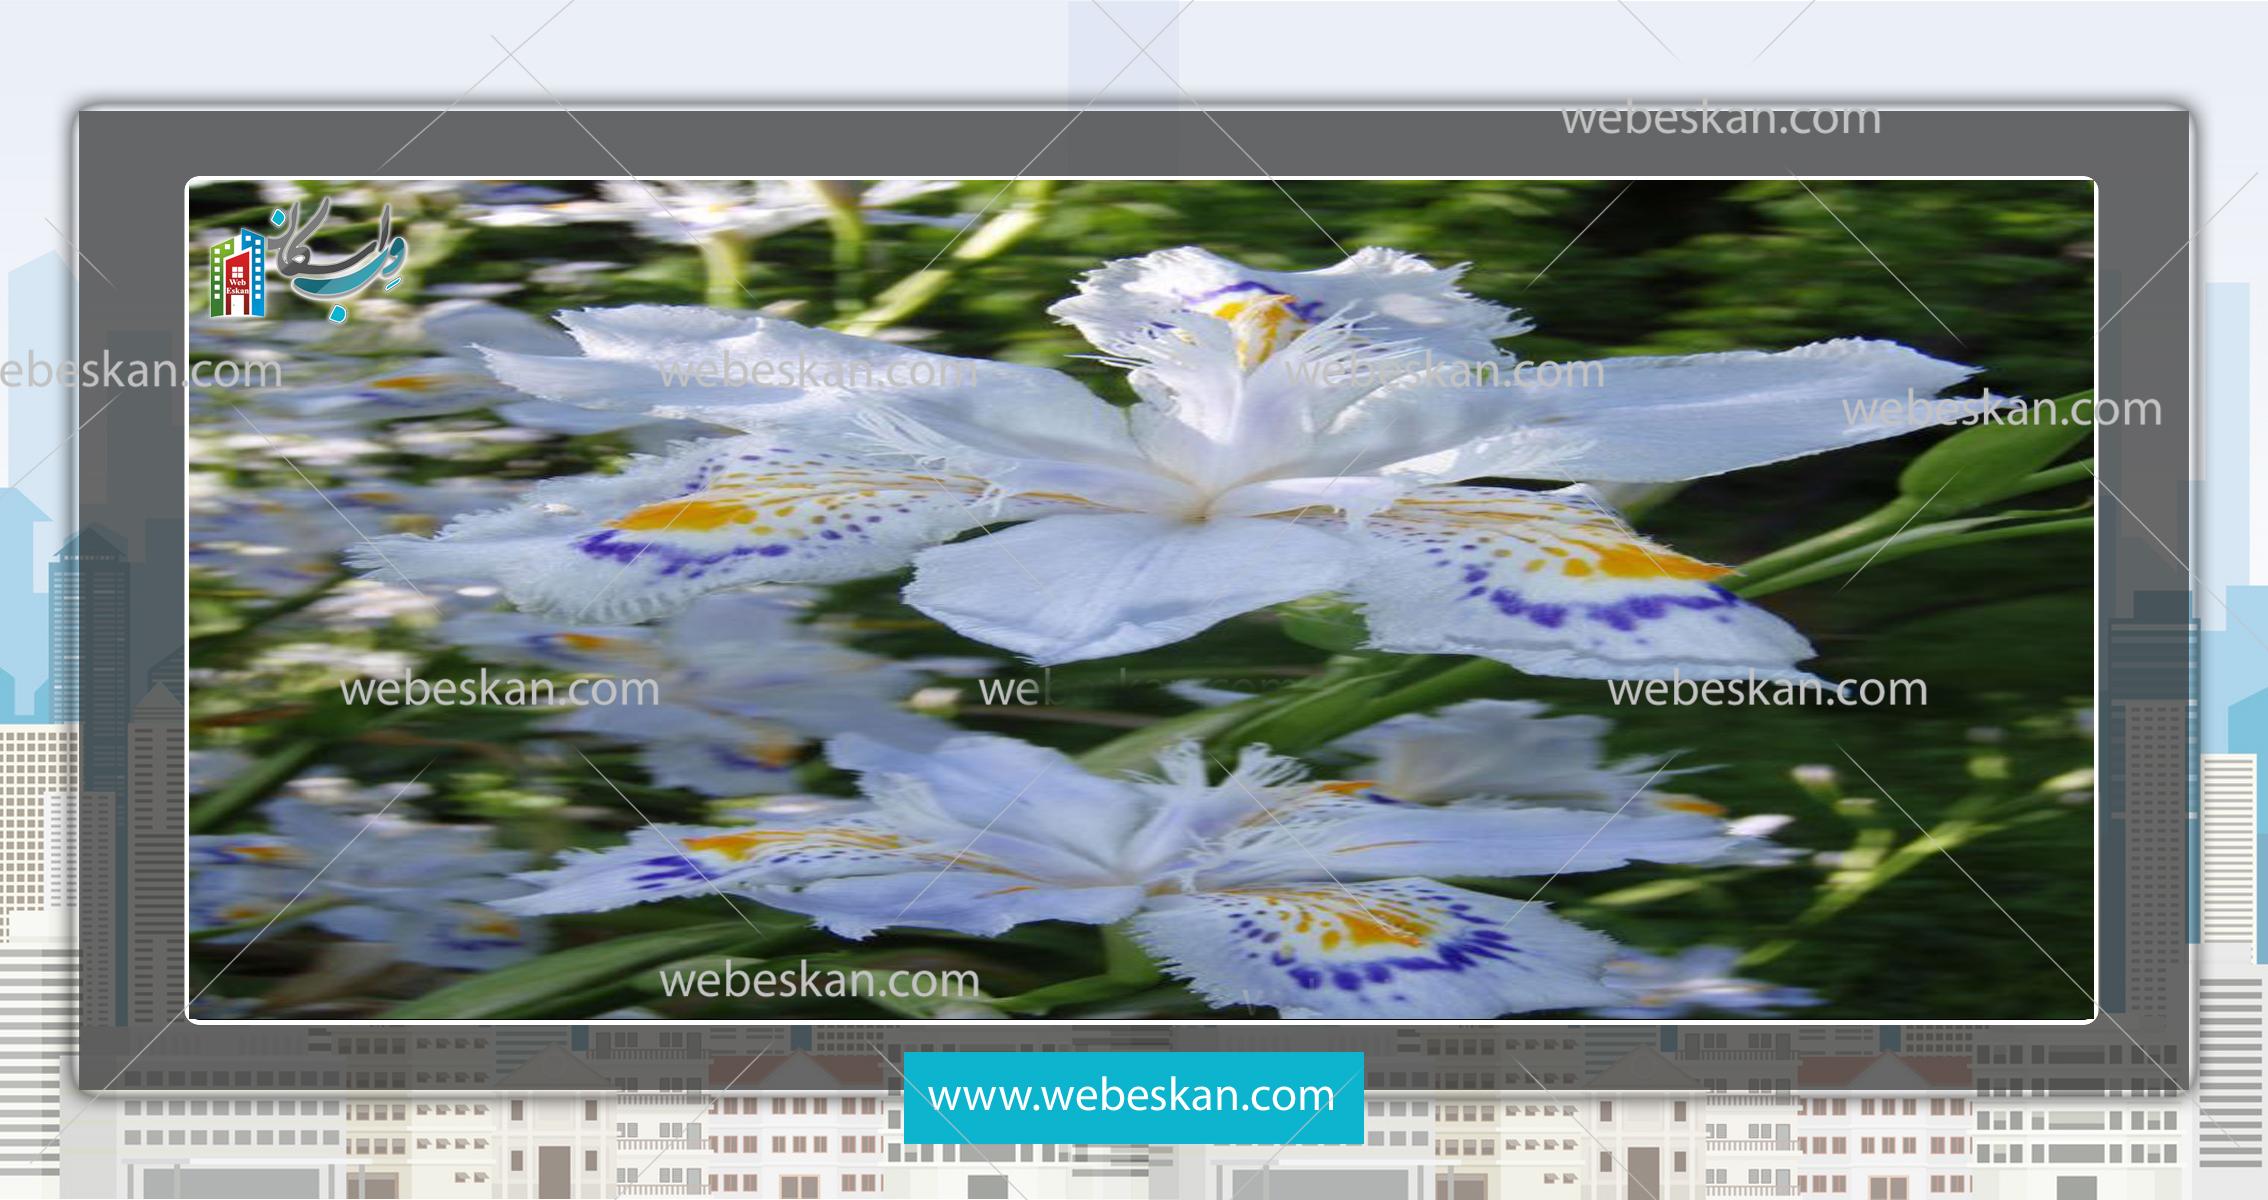 مشخصات گیاه زنبق ژاپنی